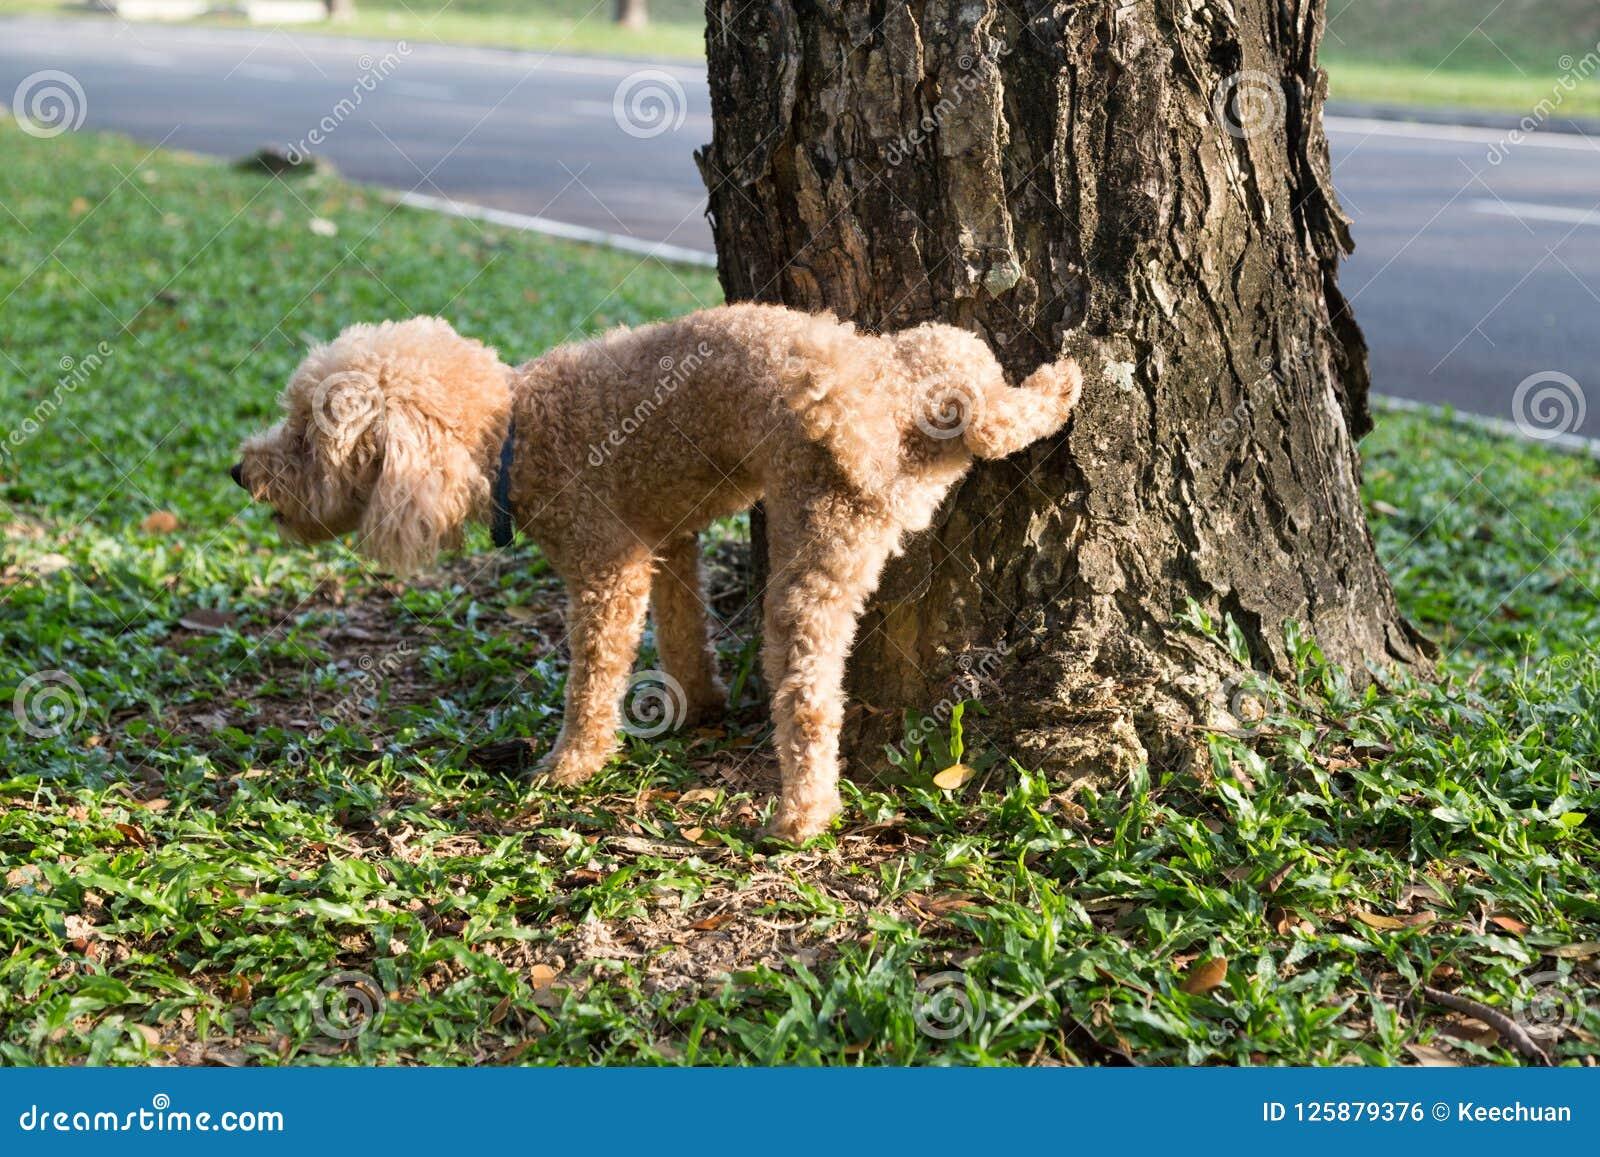 Xixi urinando da caniche masculina no tronco de árvore para marcar o território